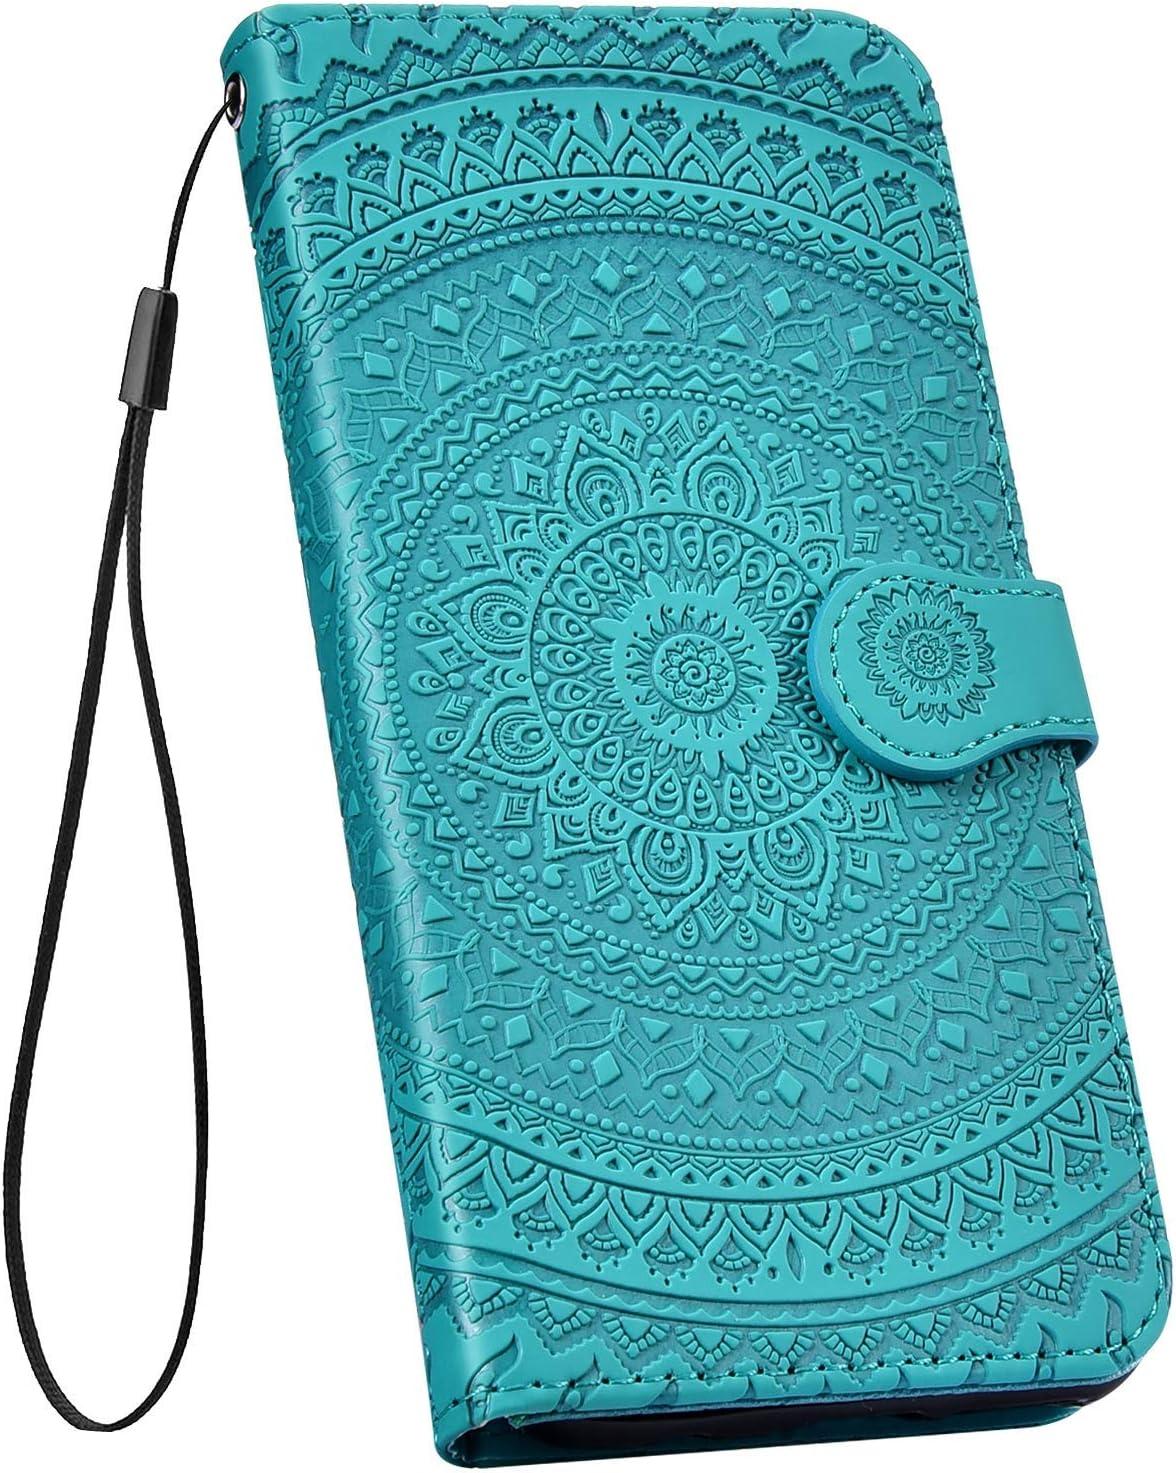 Surakey PU Leder H/ülle f/ür Huawei Honor 8X Handyh/ülle Schutzh/ülle Retro Mandala Blumen PU Leder Brieftasche Flip Case Wallet Tasche Ledertasche Handytasche St/änder Kartenf/ächer,Grau